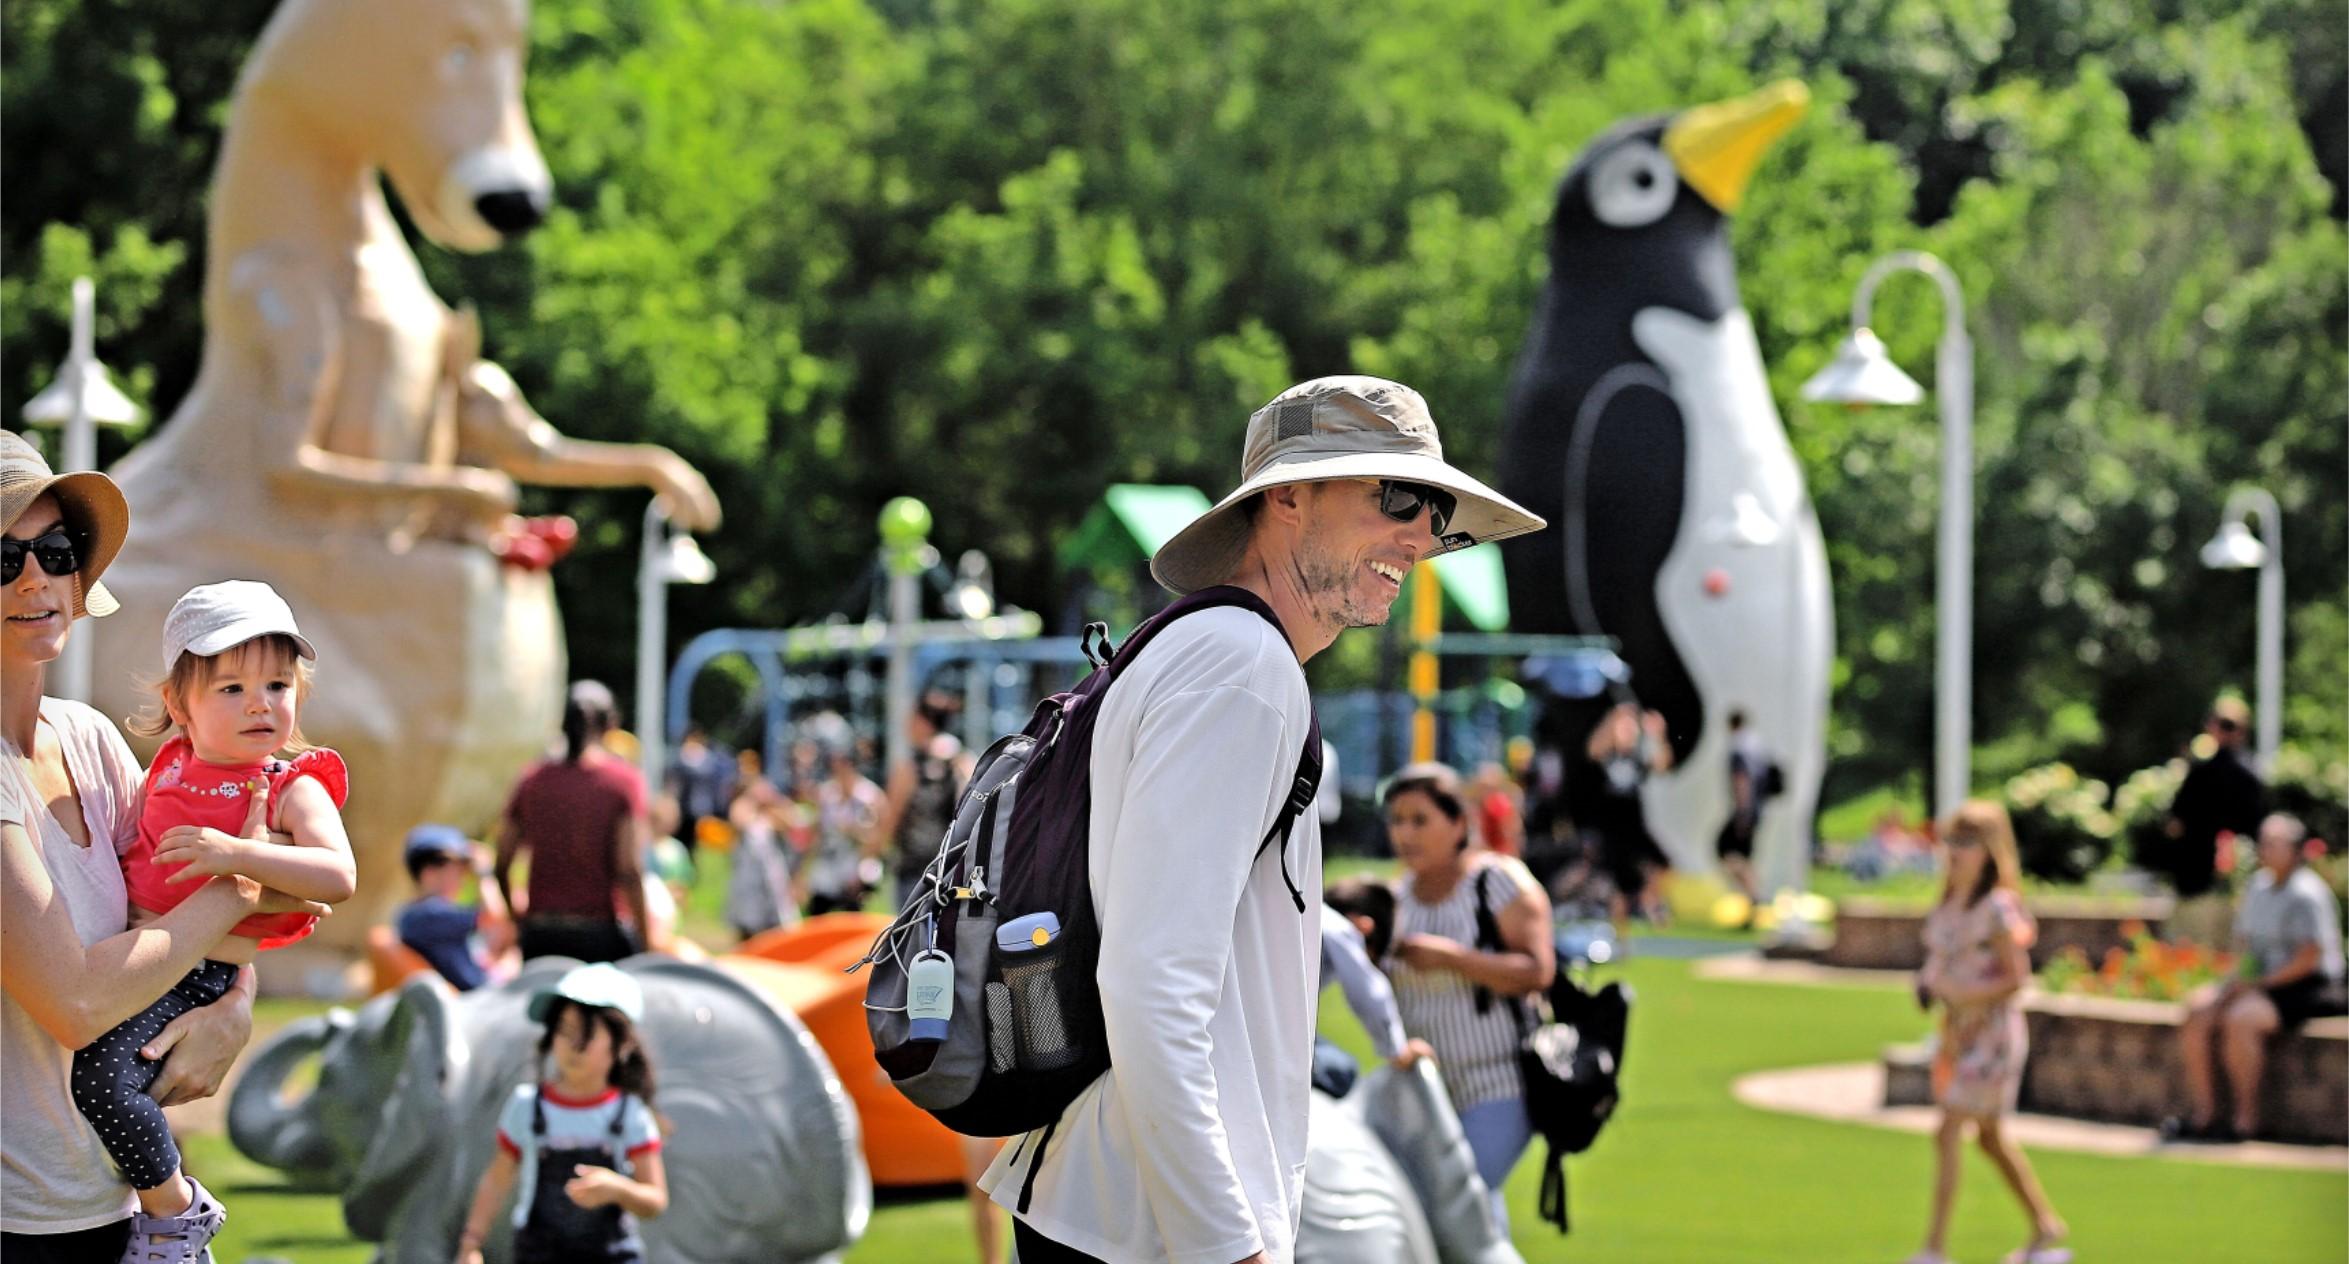 Penguin Park - KC Parks and Rec